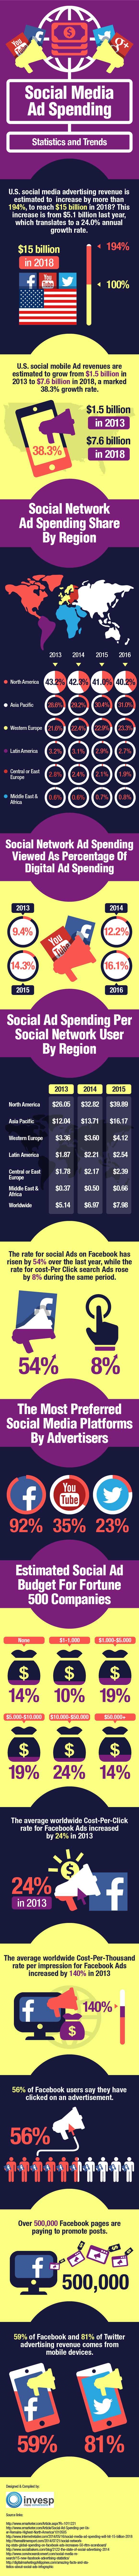 Publicidad en Redes Sociales: estadísticas y tendencias